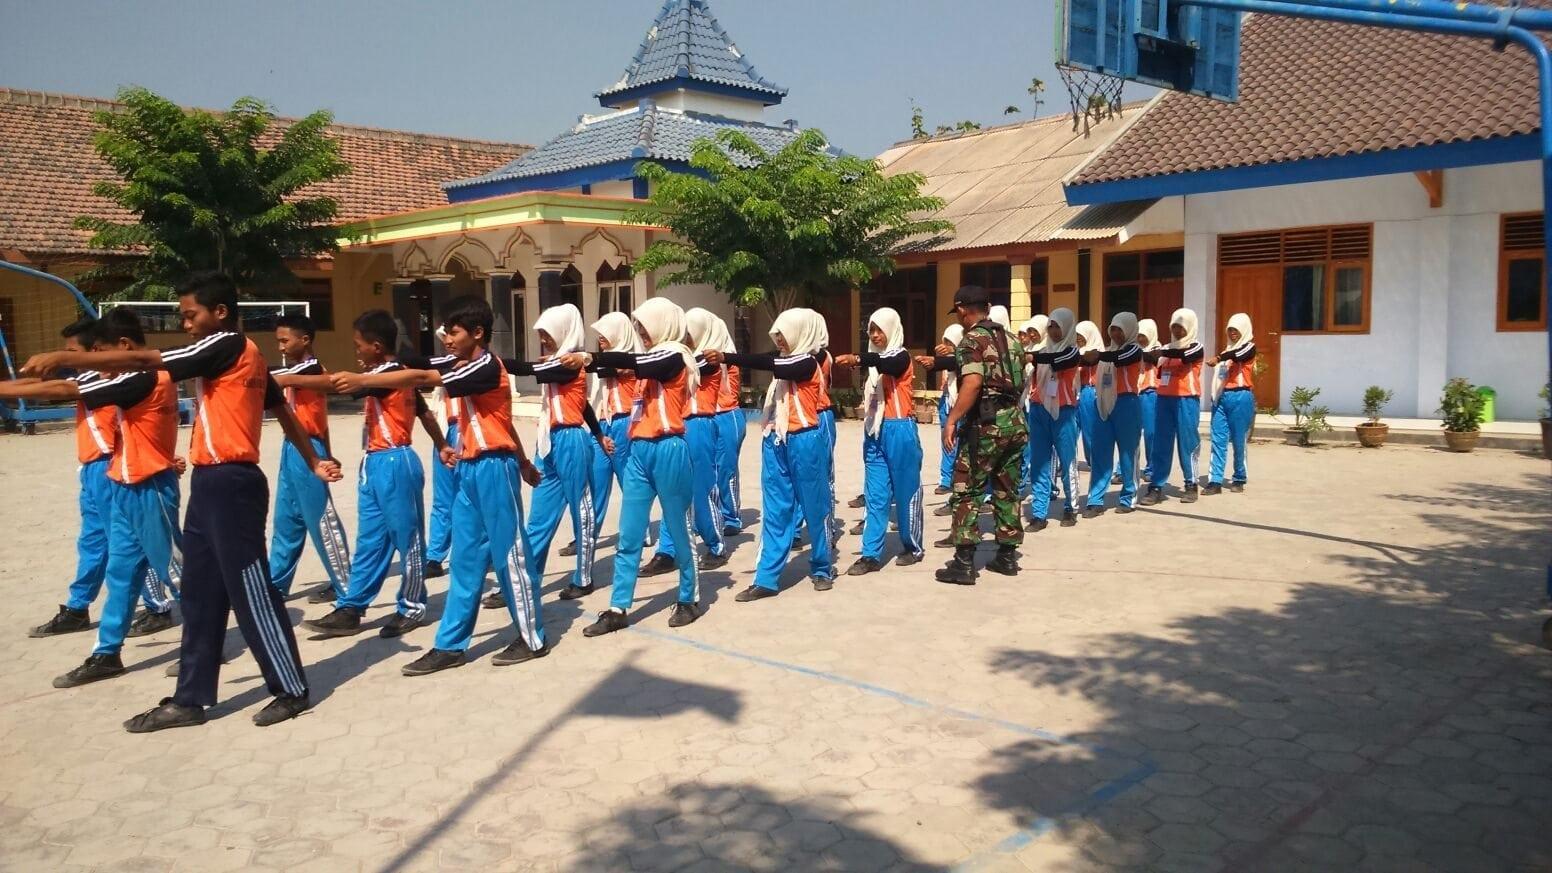 Kodim Gelar Pelatihan Baris Berbaris Siswa-Siswi SMKN Kasreman Ngawi